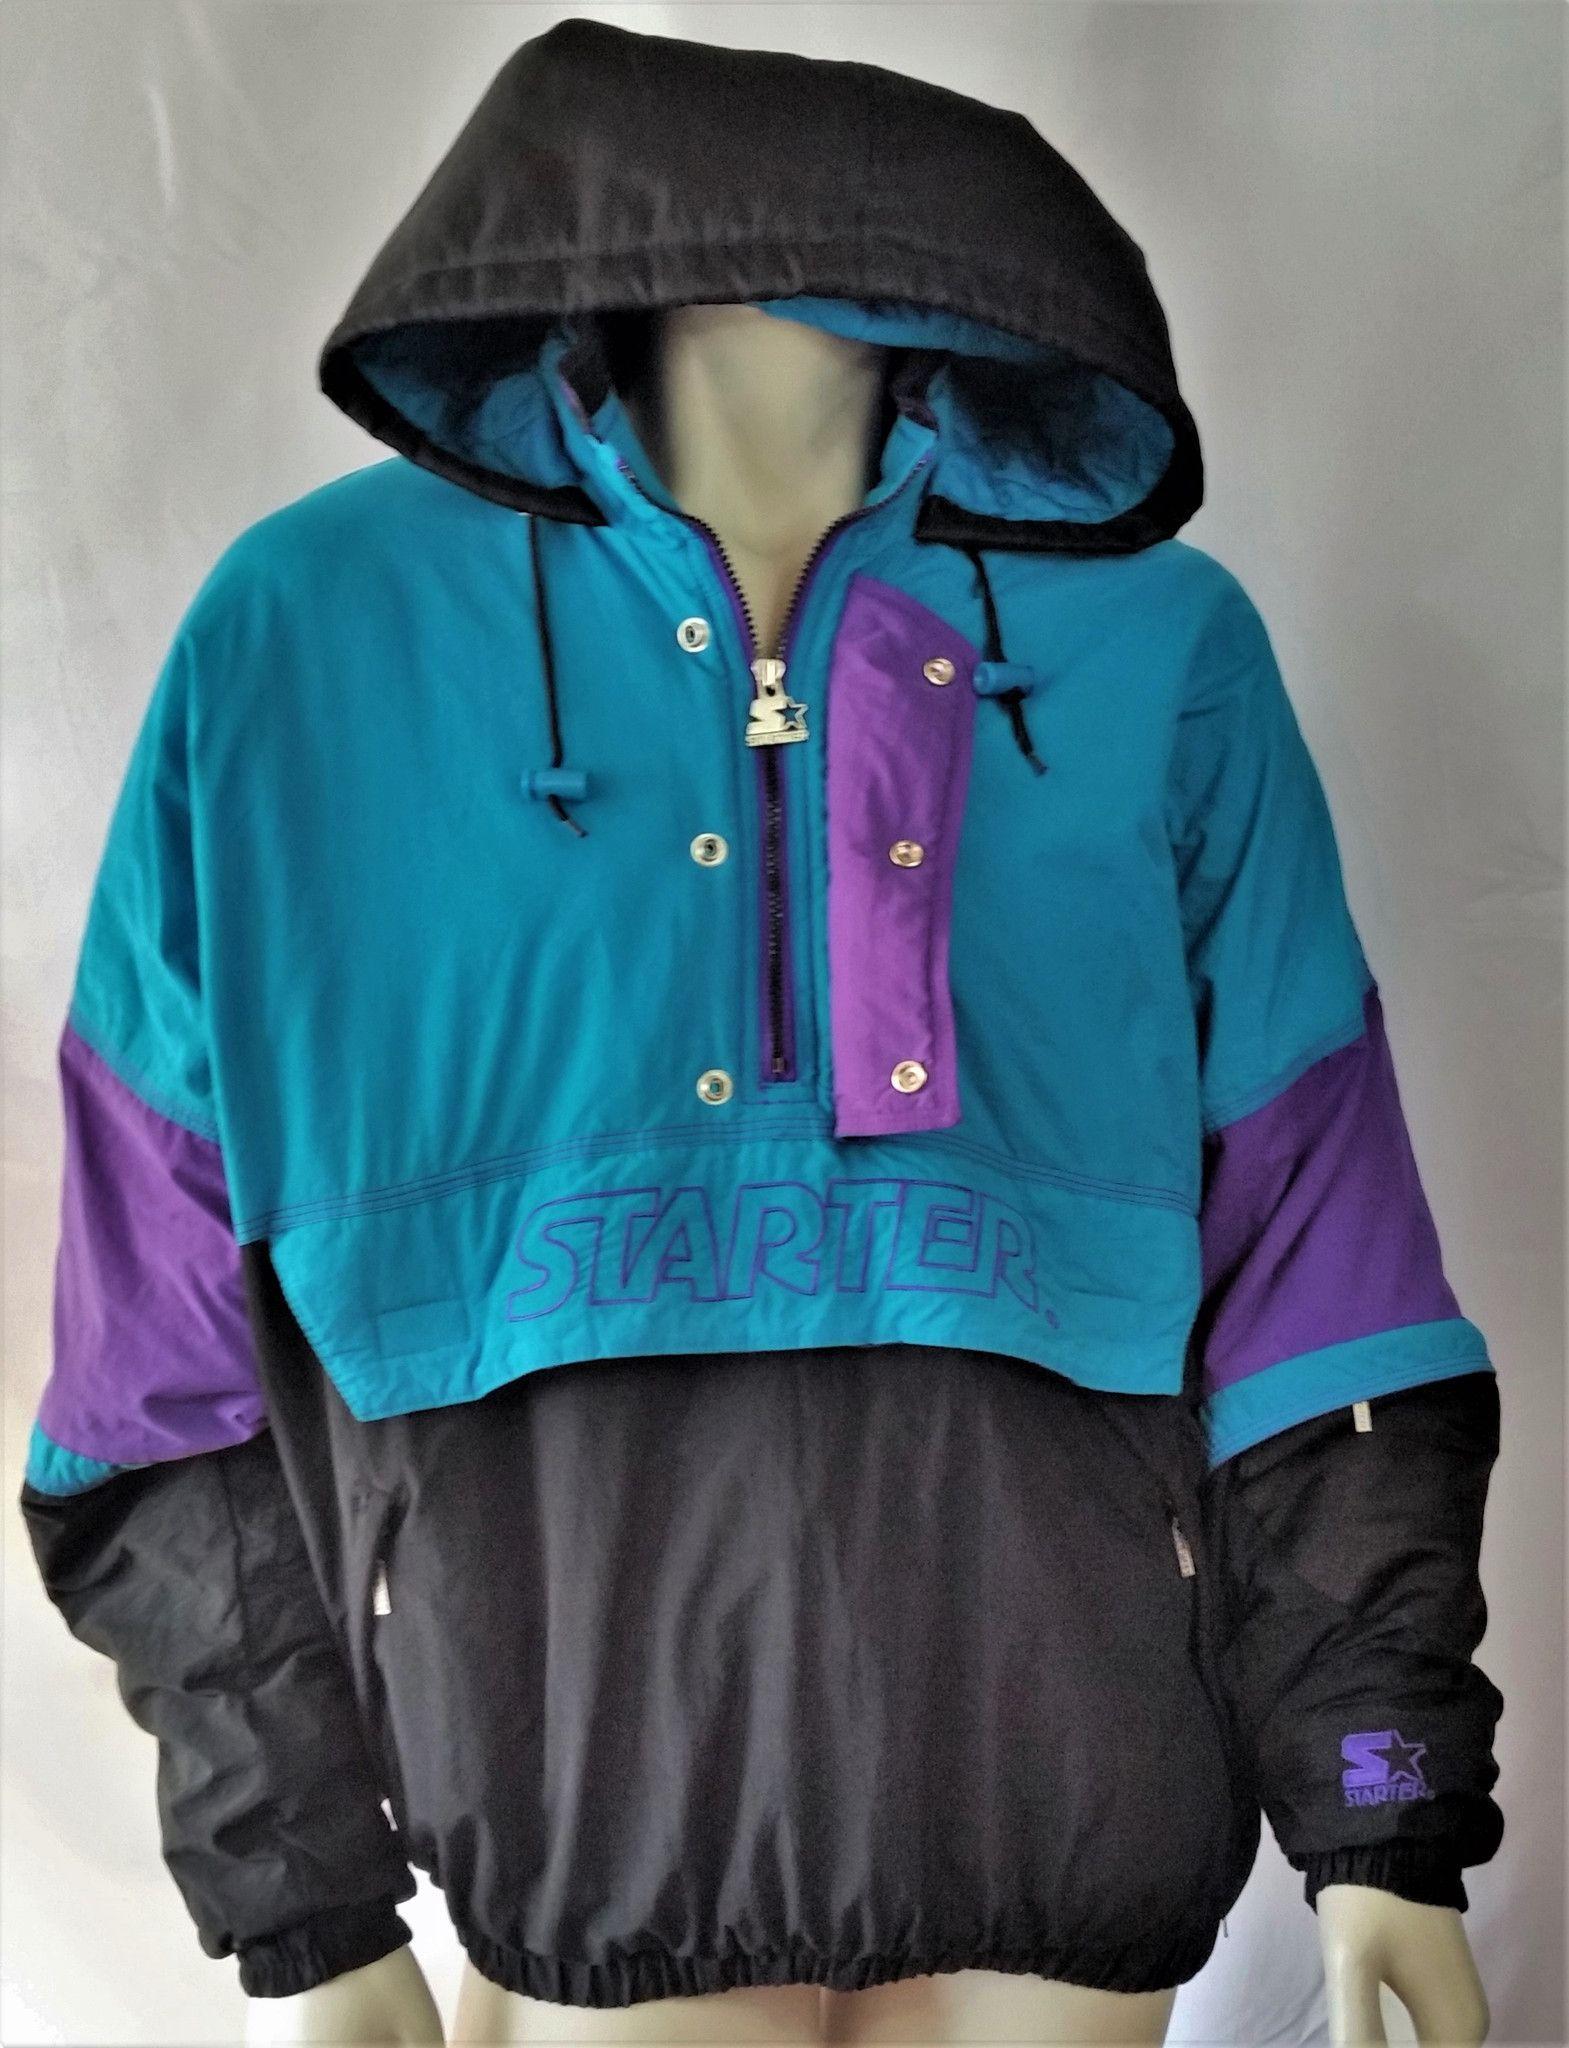 8e4528c26379ae Vintage Starter Jacket Pullover Coat Hood Old Logo 90s Parka Rare Mens Large